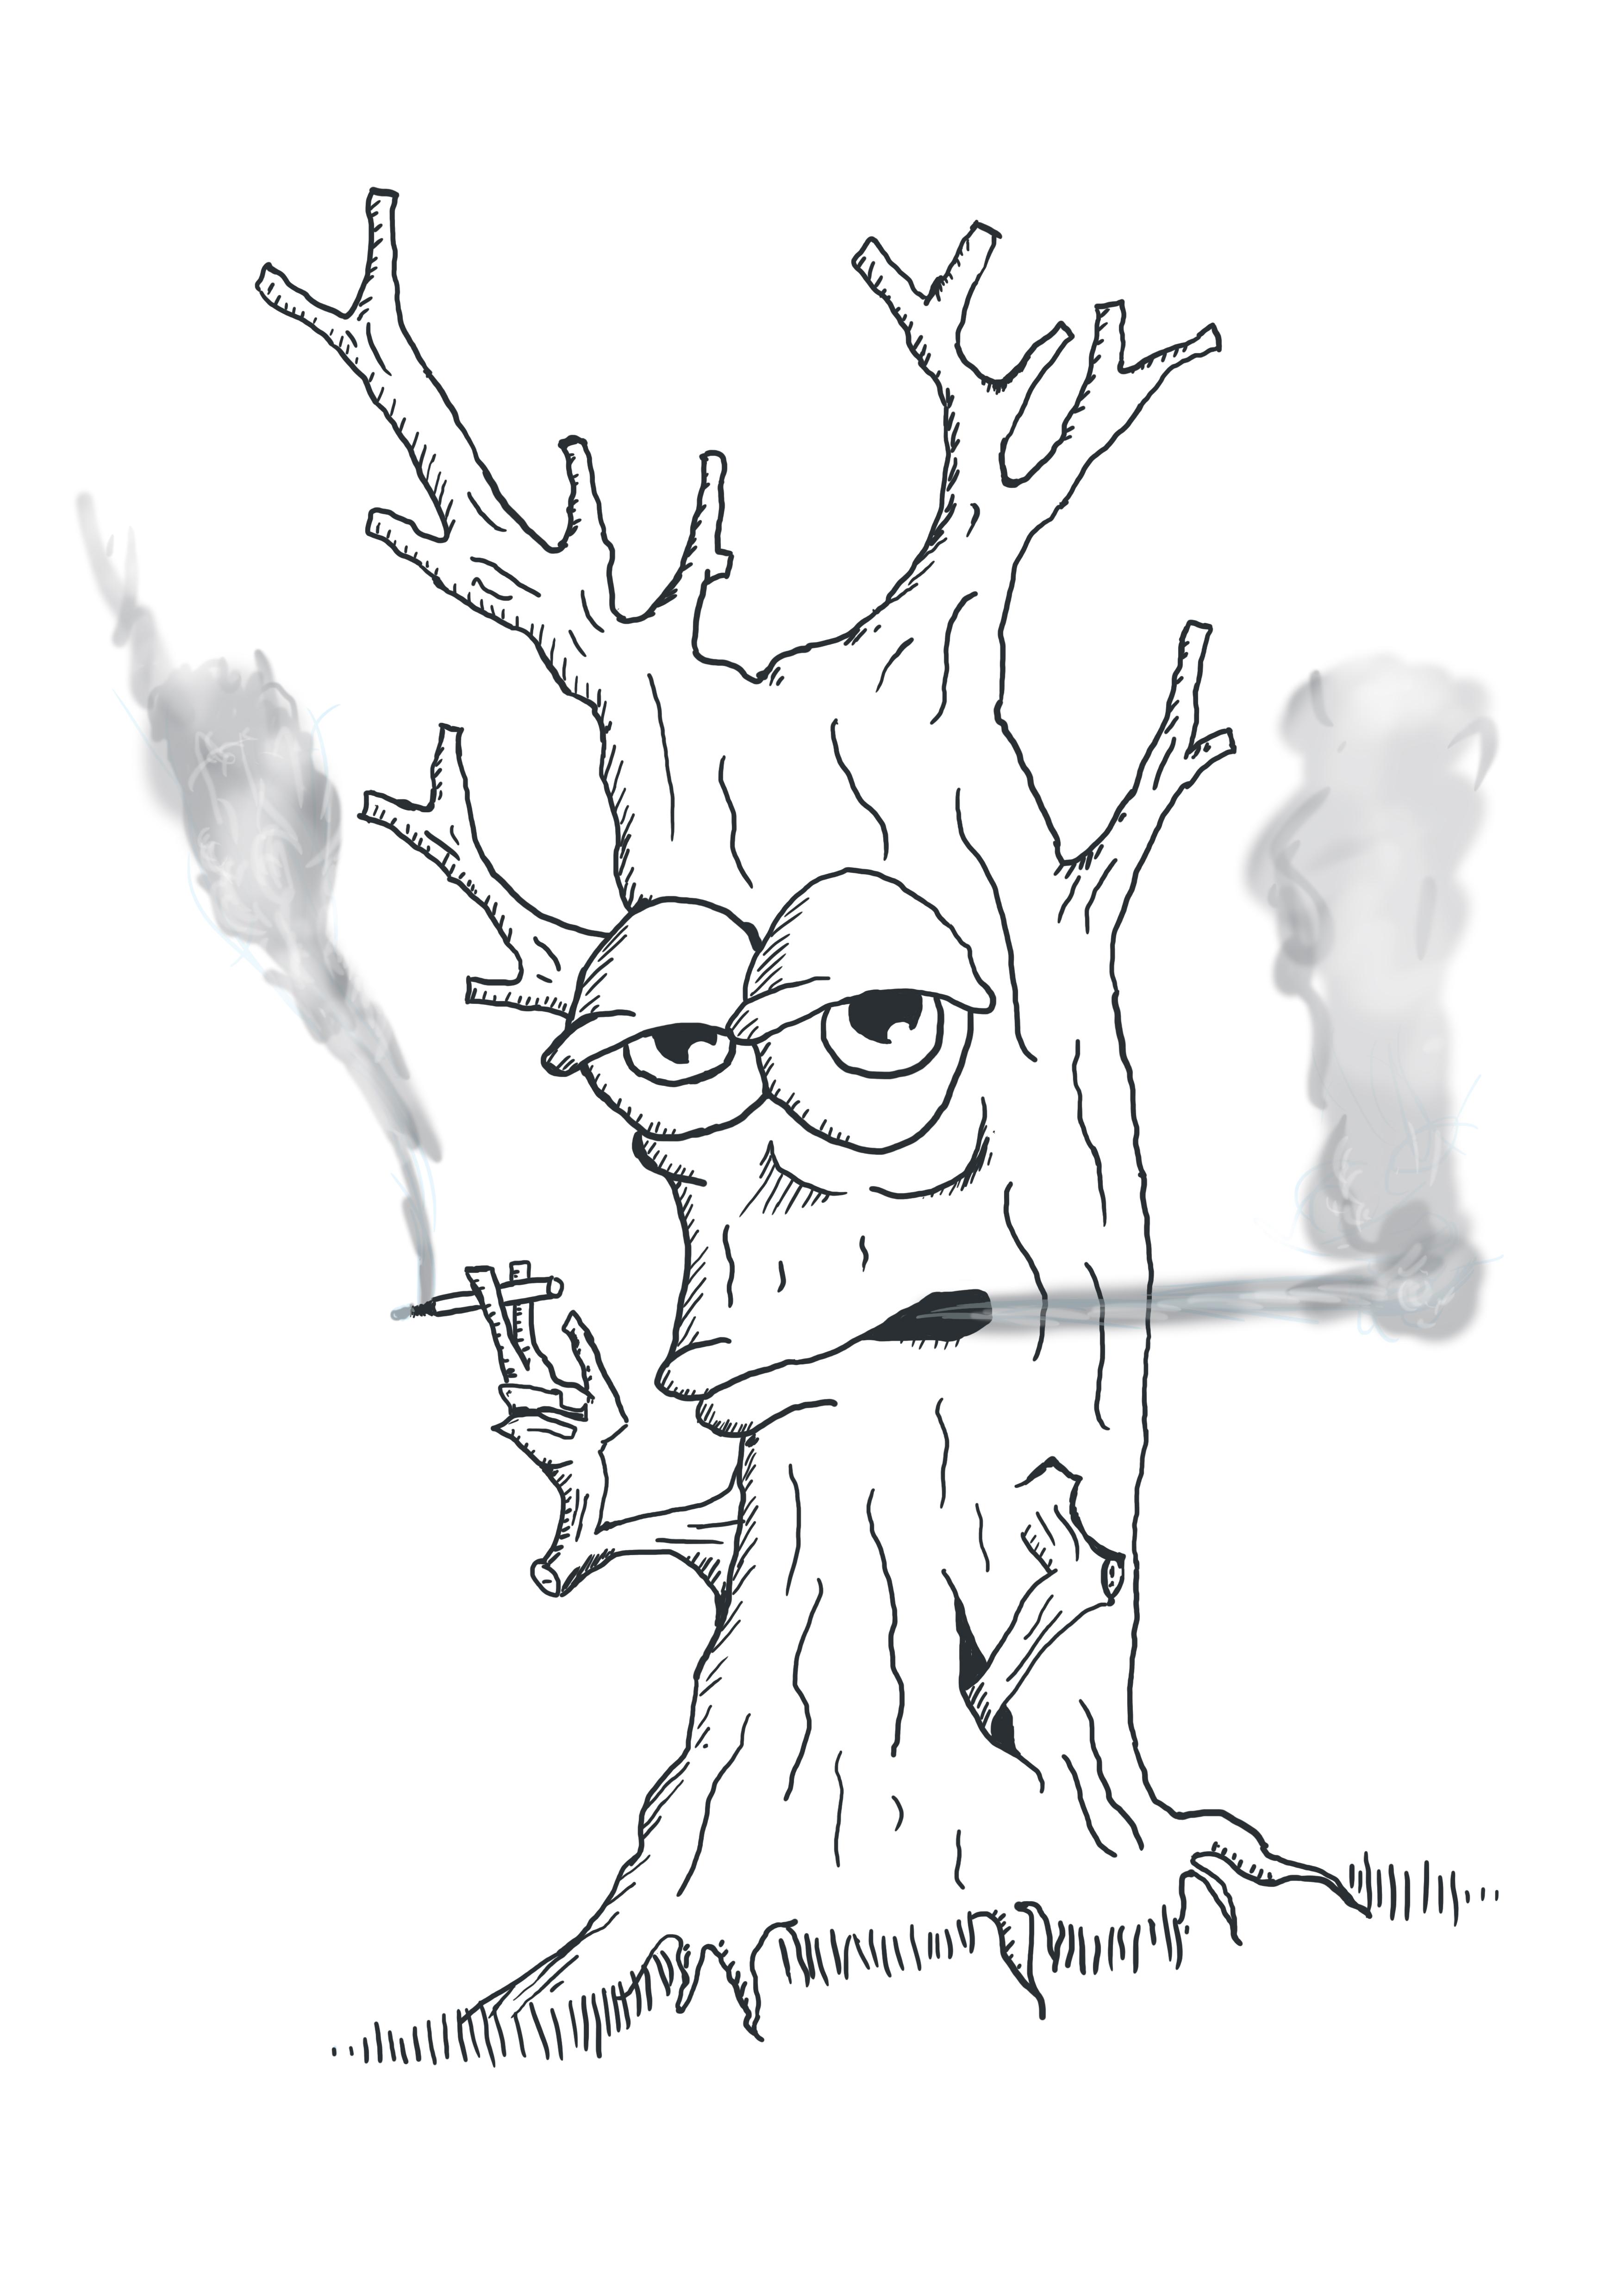 Smoking tree